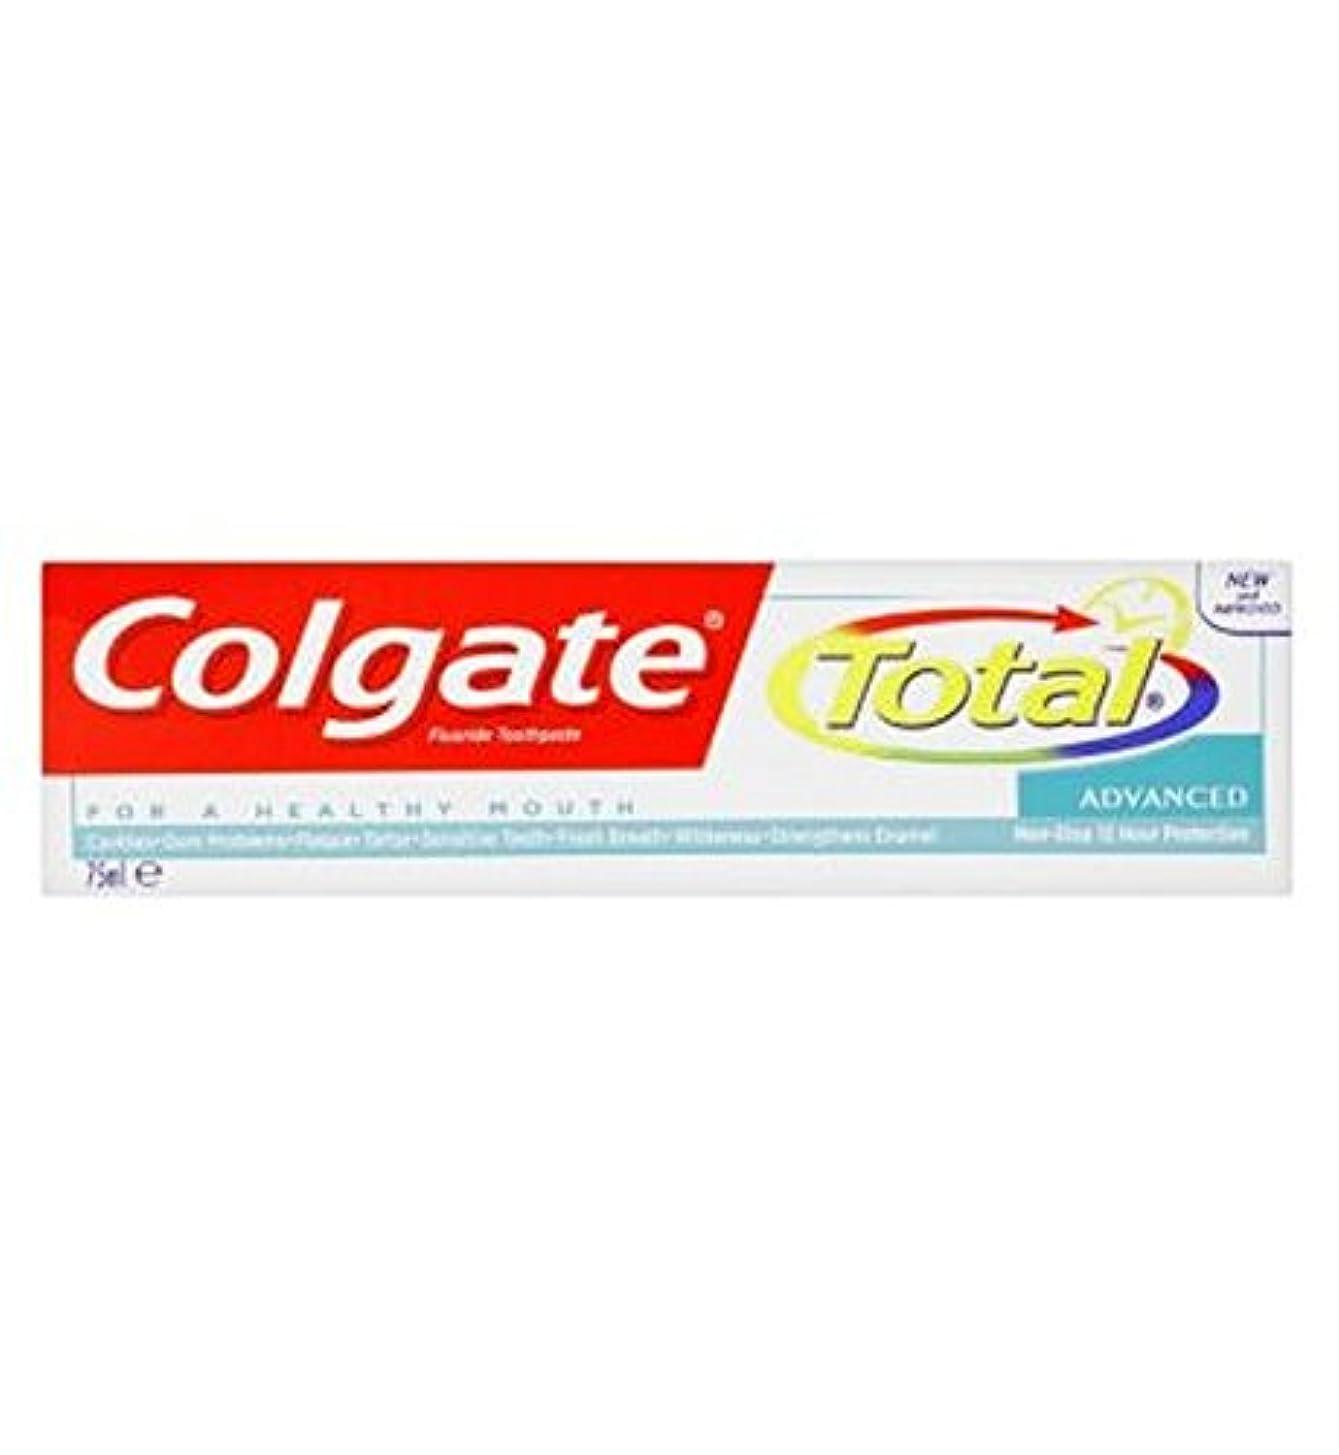 進行中汚染メガロポリスColgate Total Advanced toothpaste 75ml - コルゲートトータル高度な歯磨き粉75ミリリットル (Colgate) [並行輸入品]